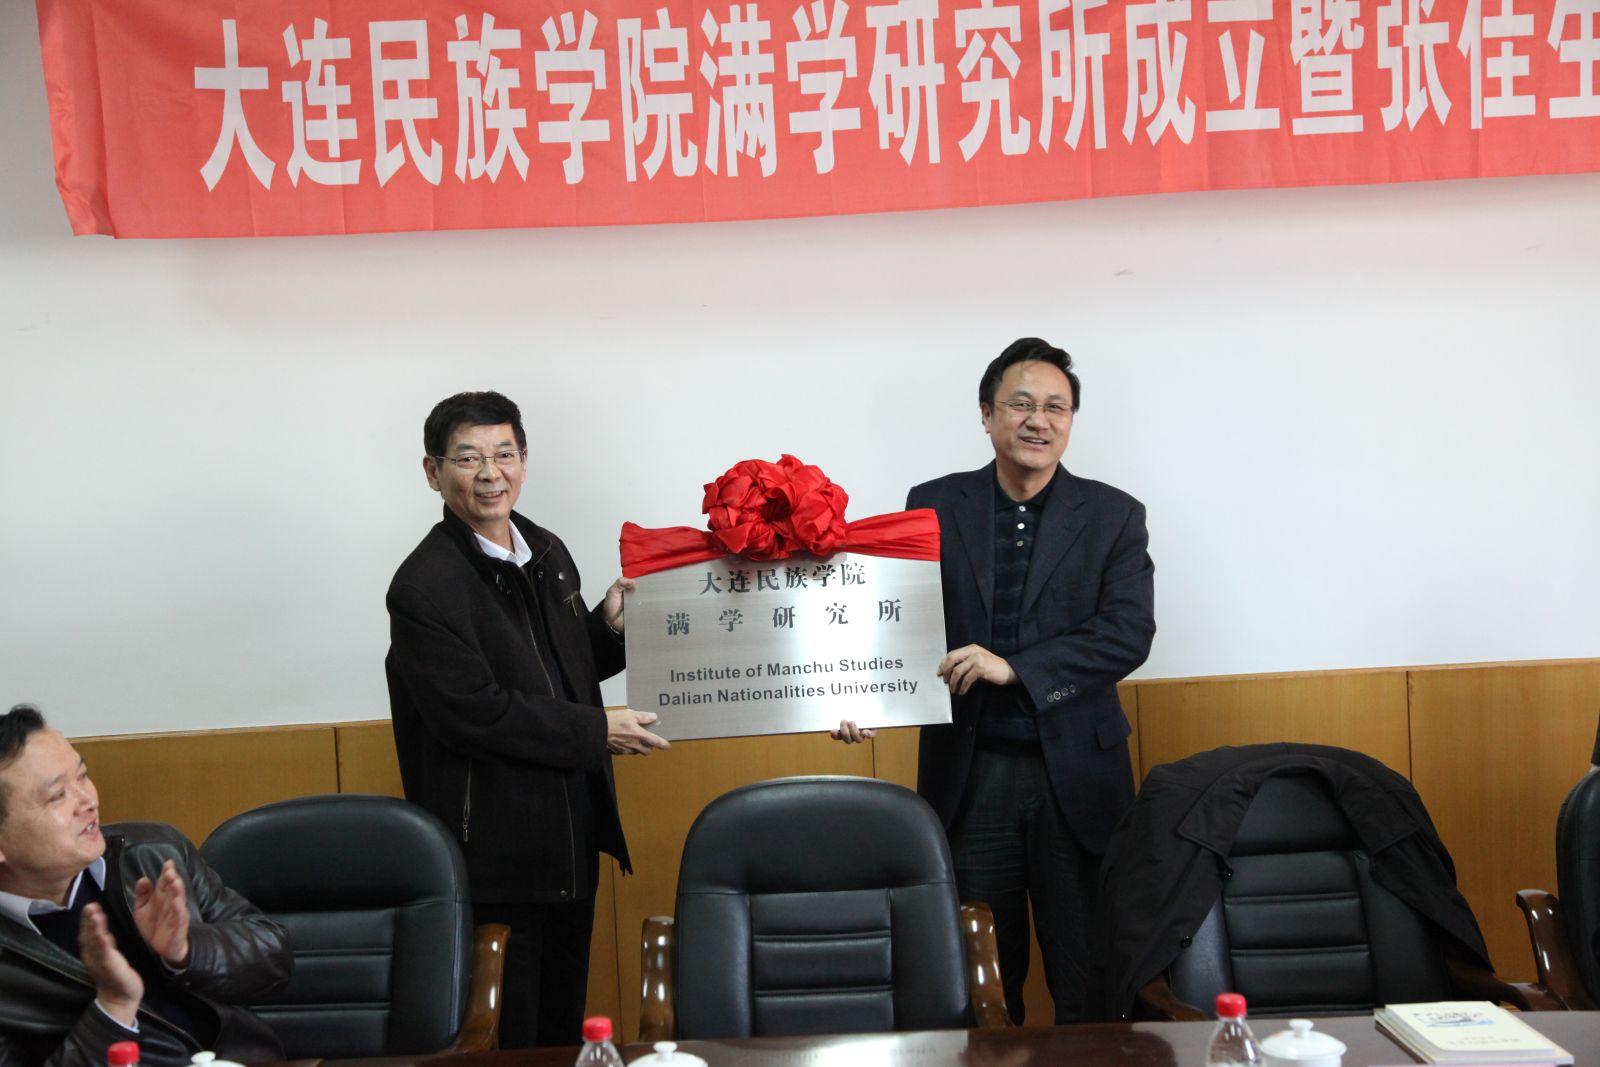 2012年,张佳生先生与大连民院黎树斌书记合影